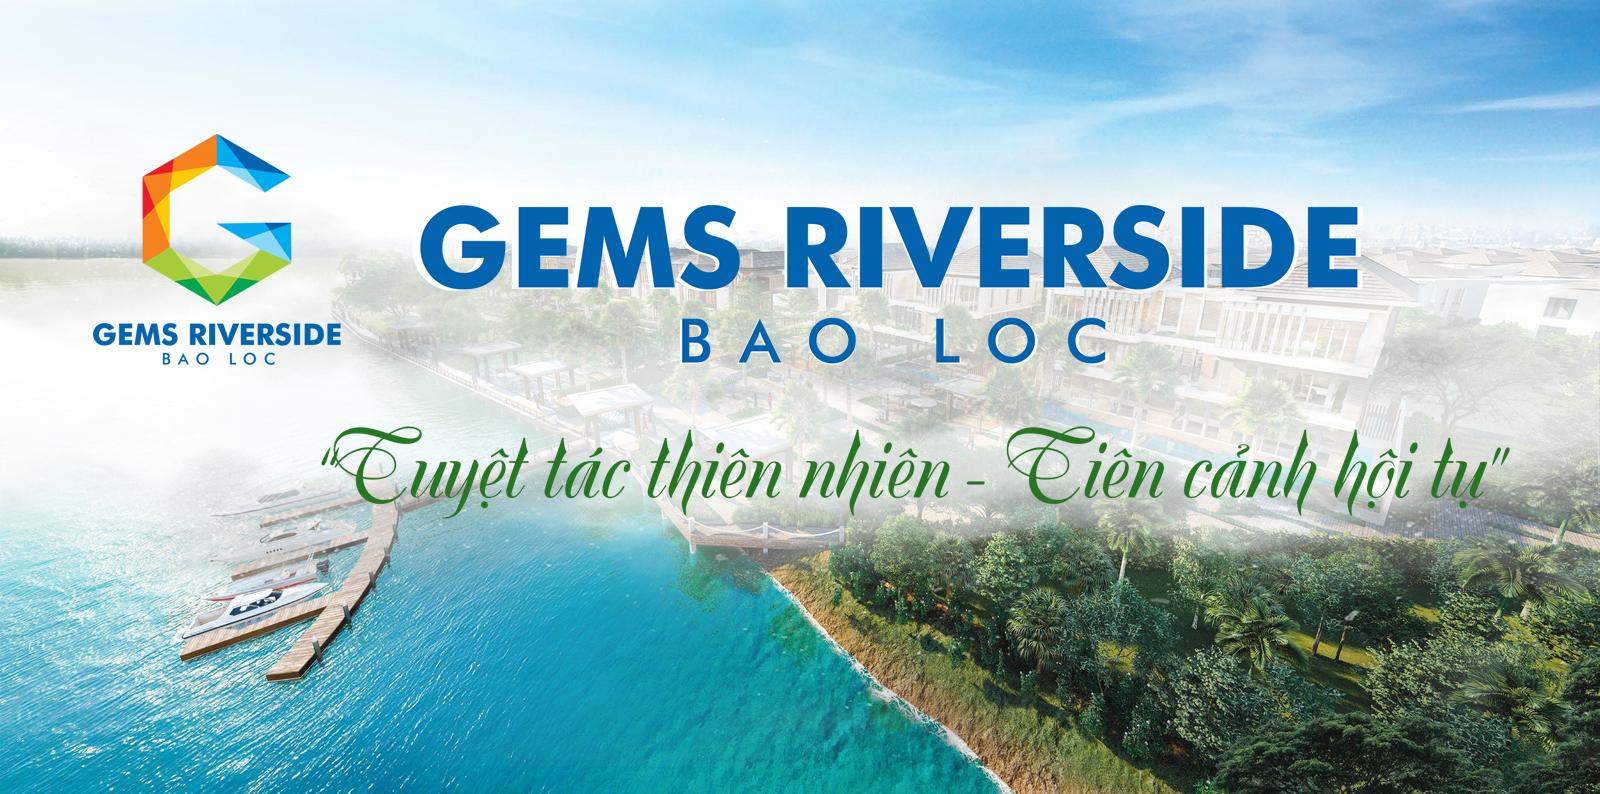 du an bao loc gems riverside - BẢO LỘC GEMS RIVERSIDE